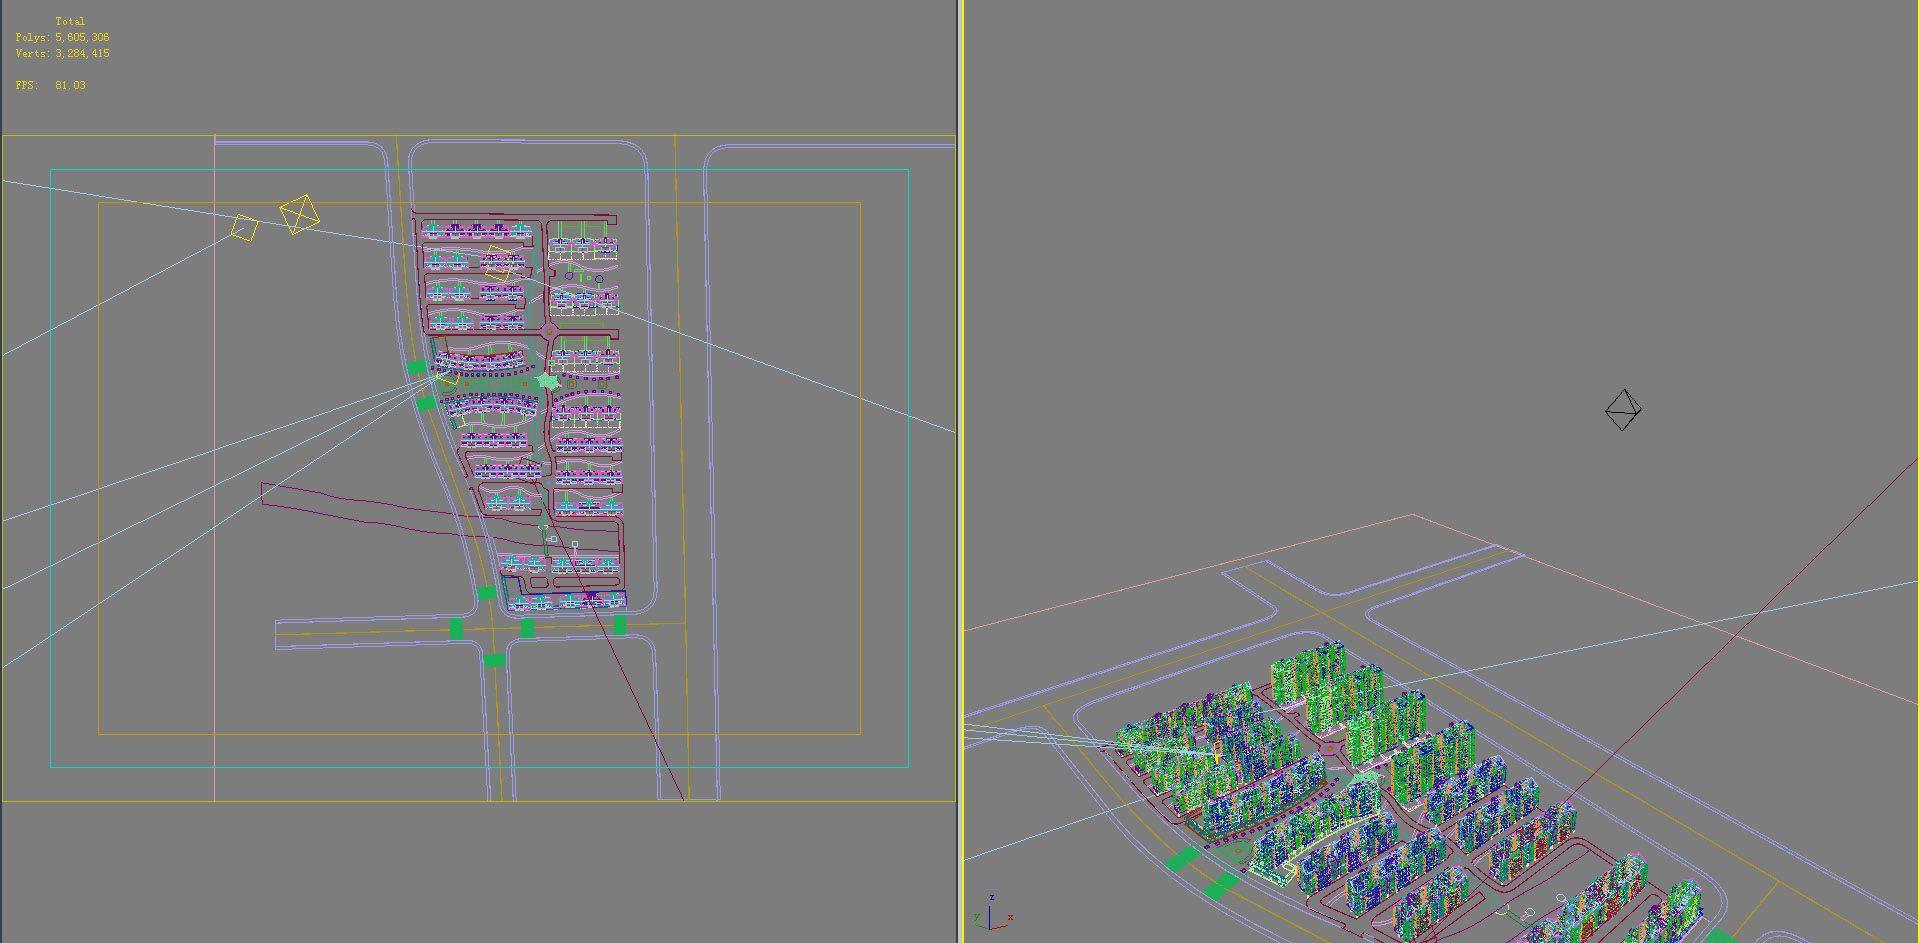 хот суурин газрын дизайн 095 3d загвар max psd 121484